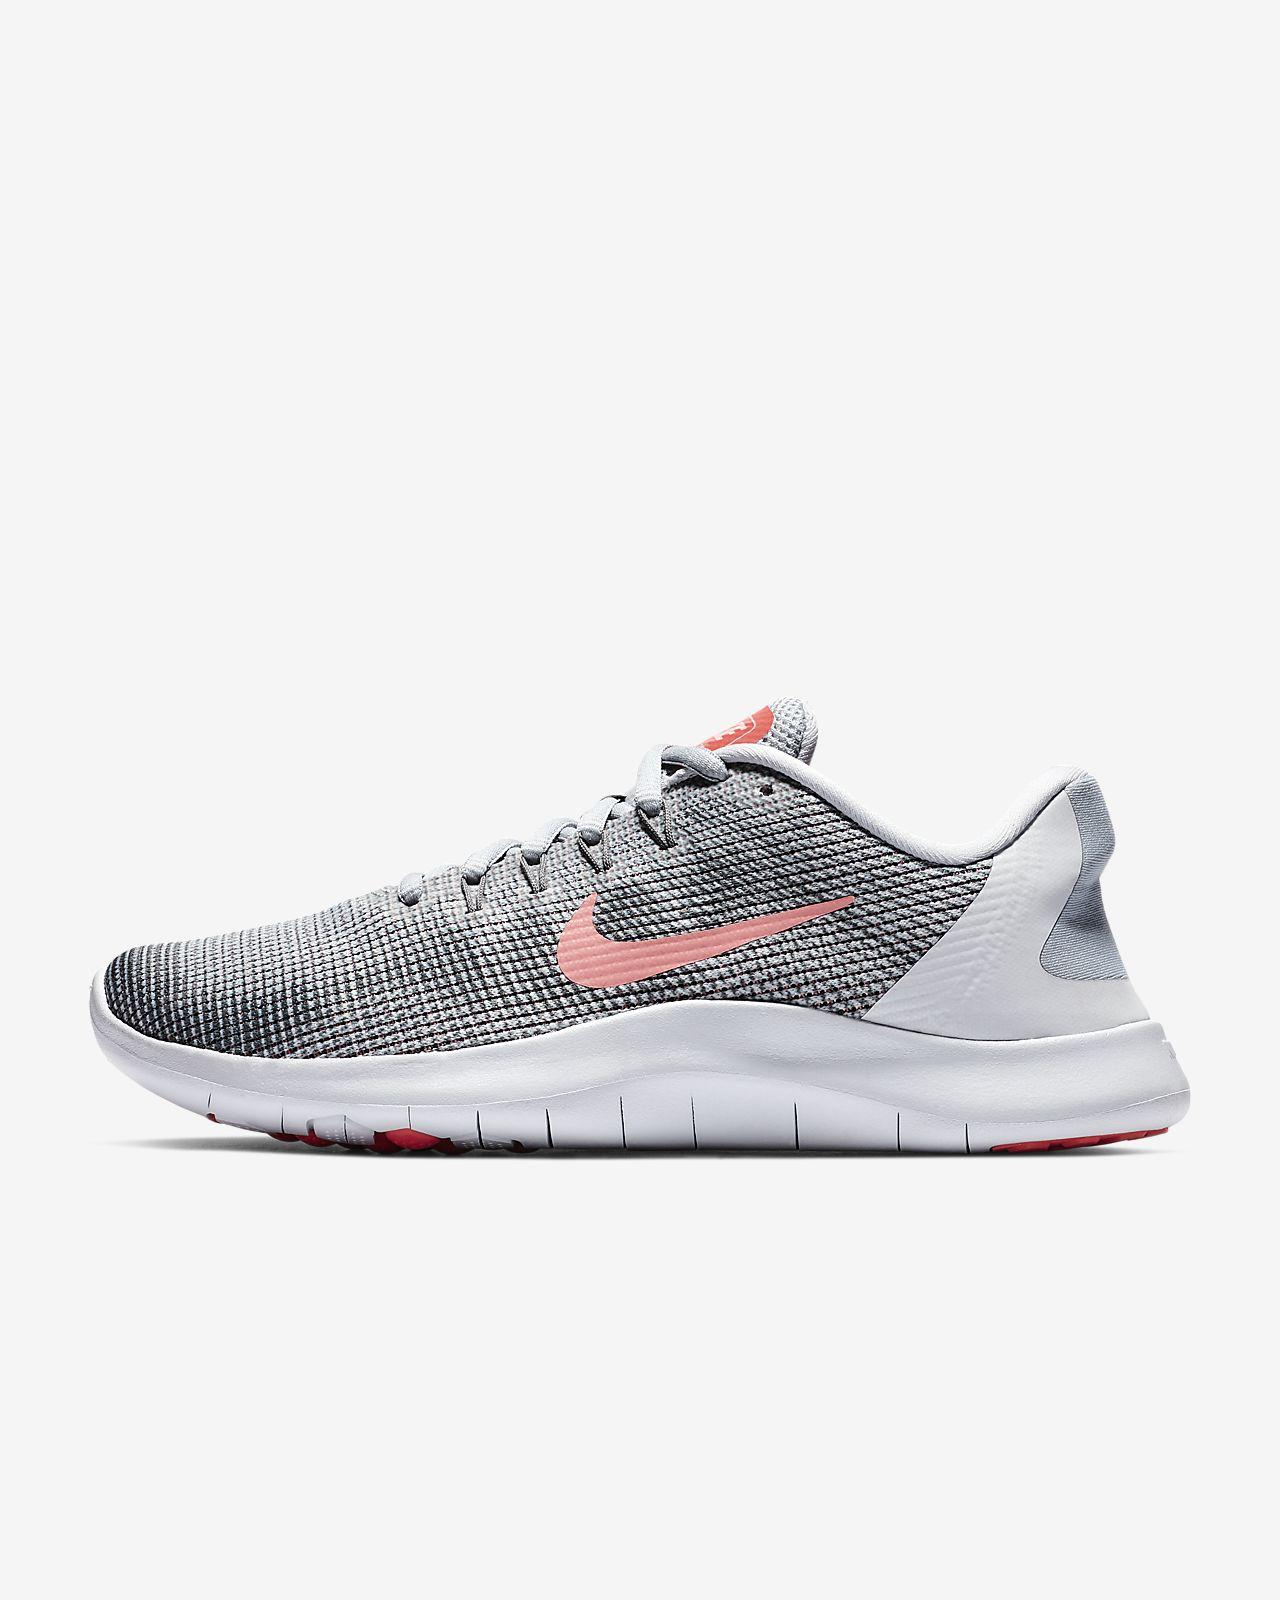 597165e3ac6a1 Calzado de running para mujer Nike Flex RN 2018. Nike.com MX